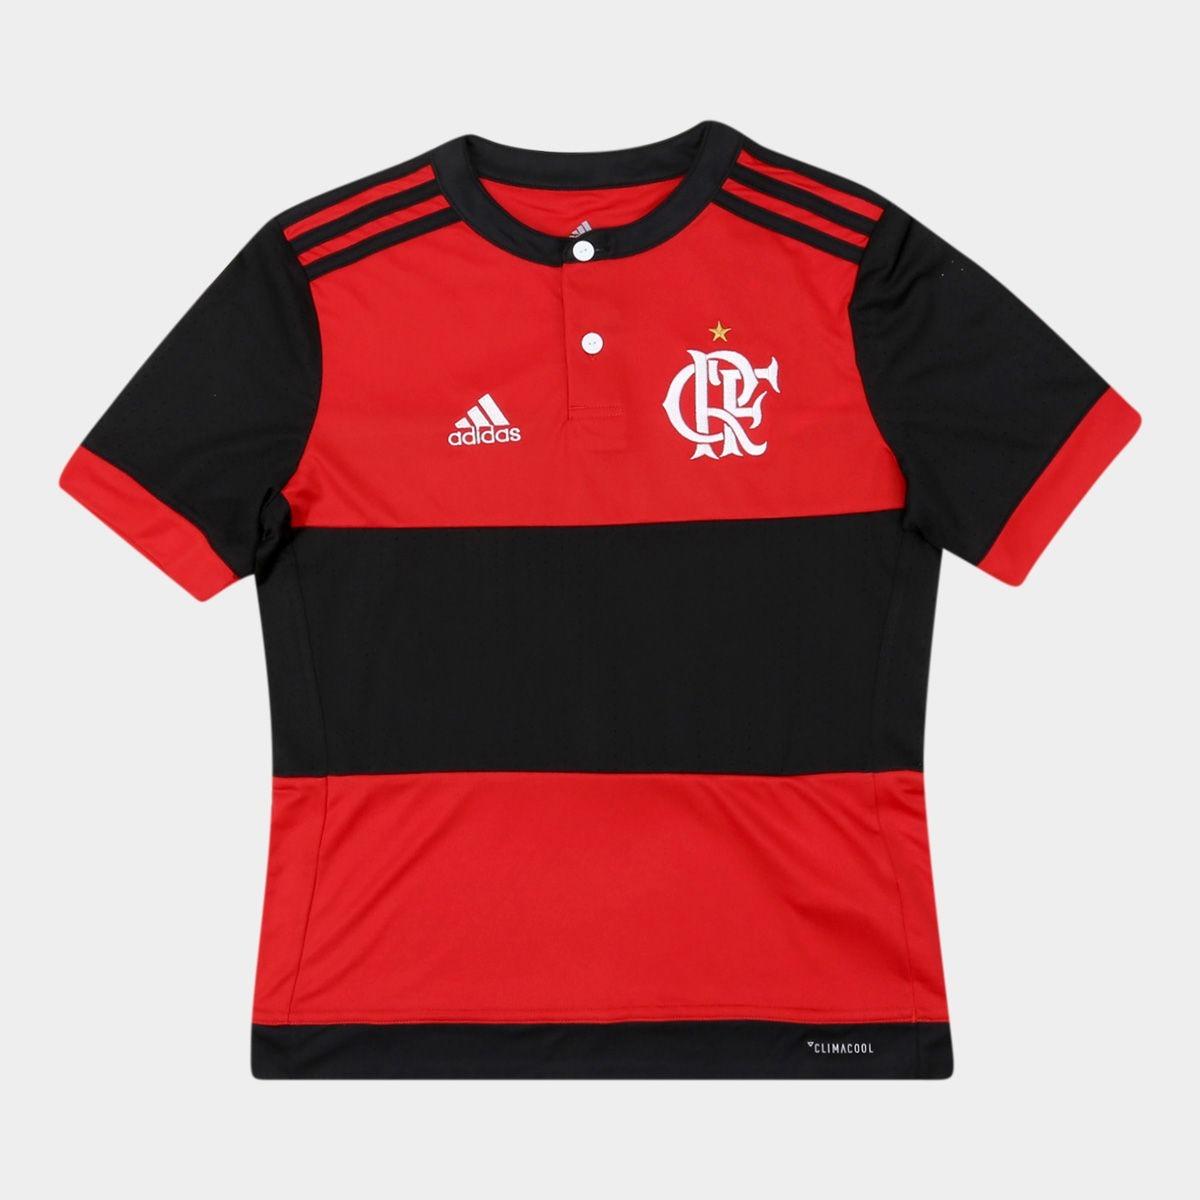 camisa flamengo infantil i 17 18 s nº torcedor adidas. Carregando zoom. 968dd1d4a8c7e